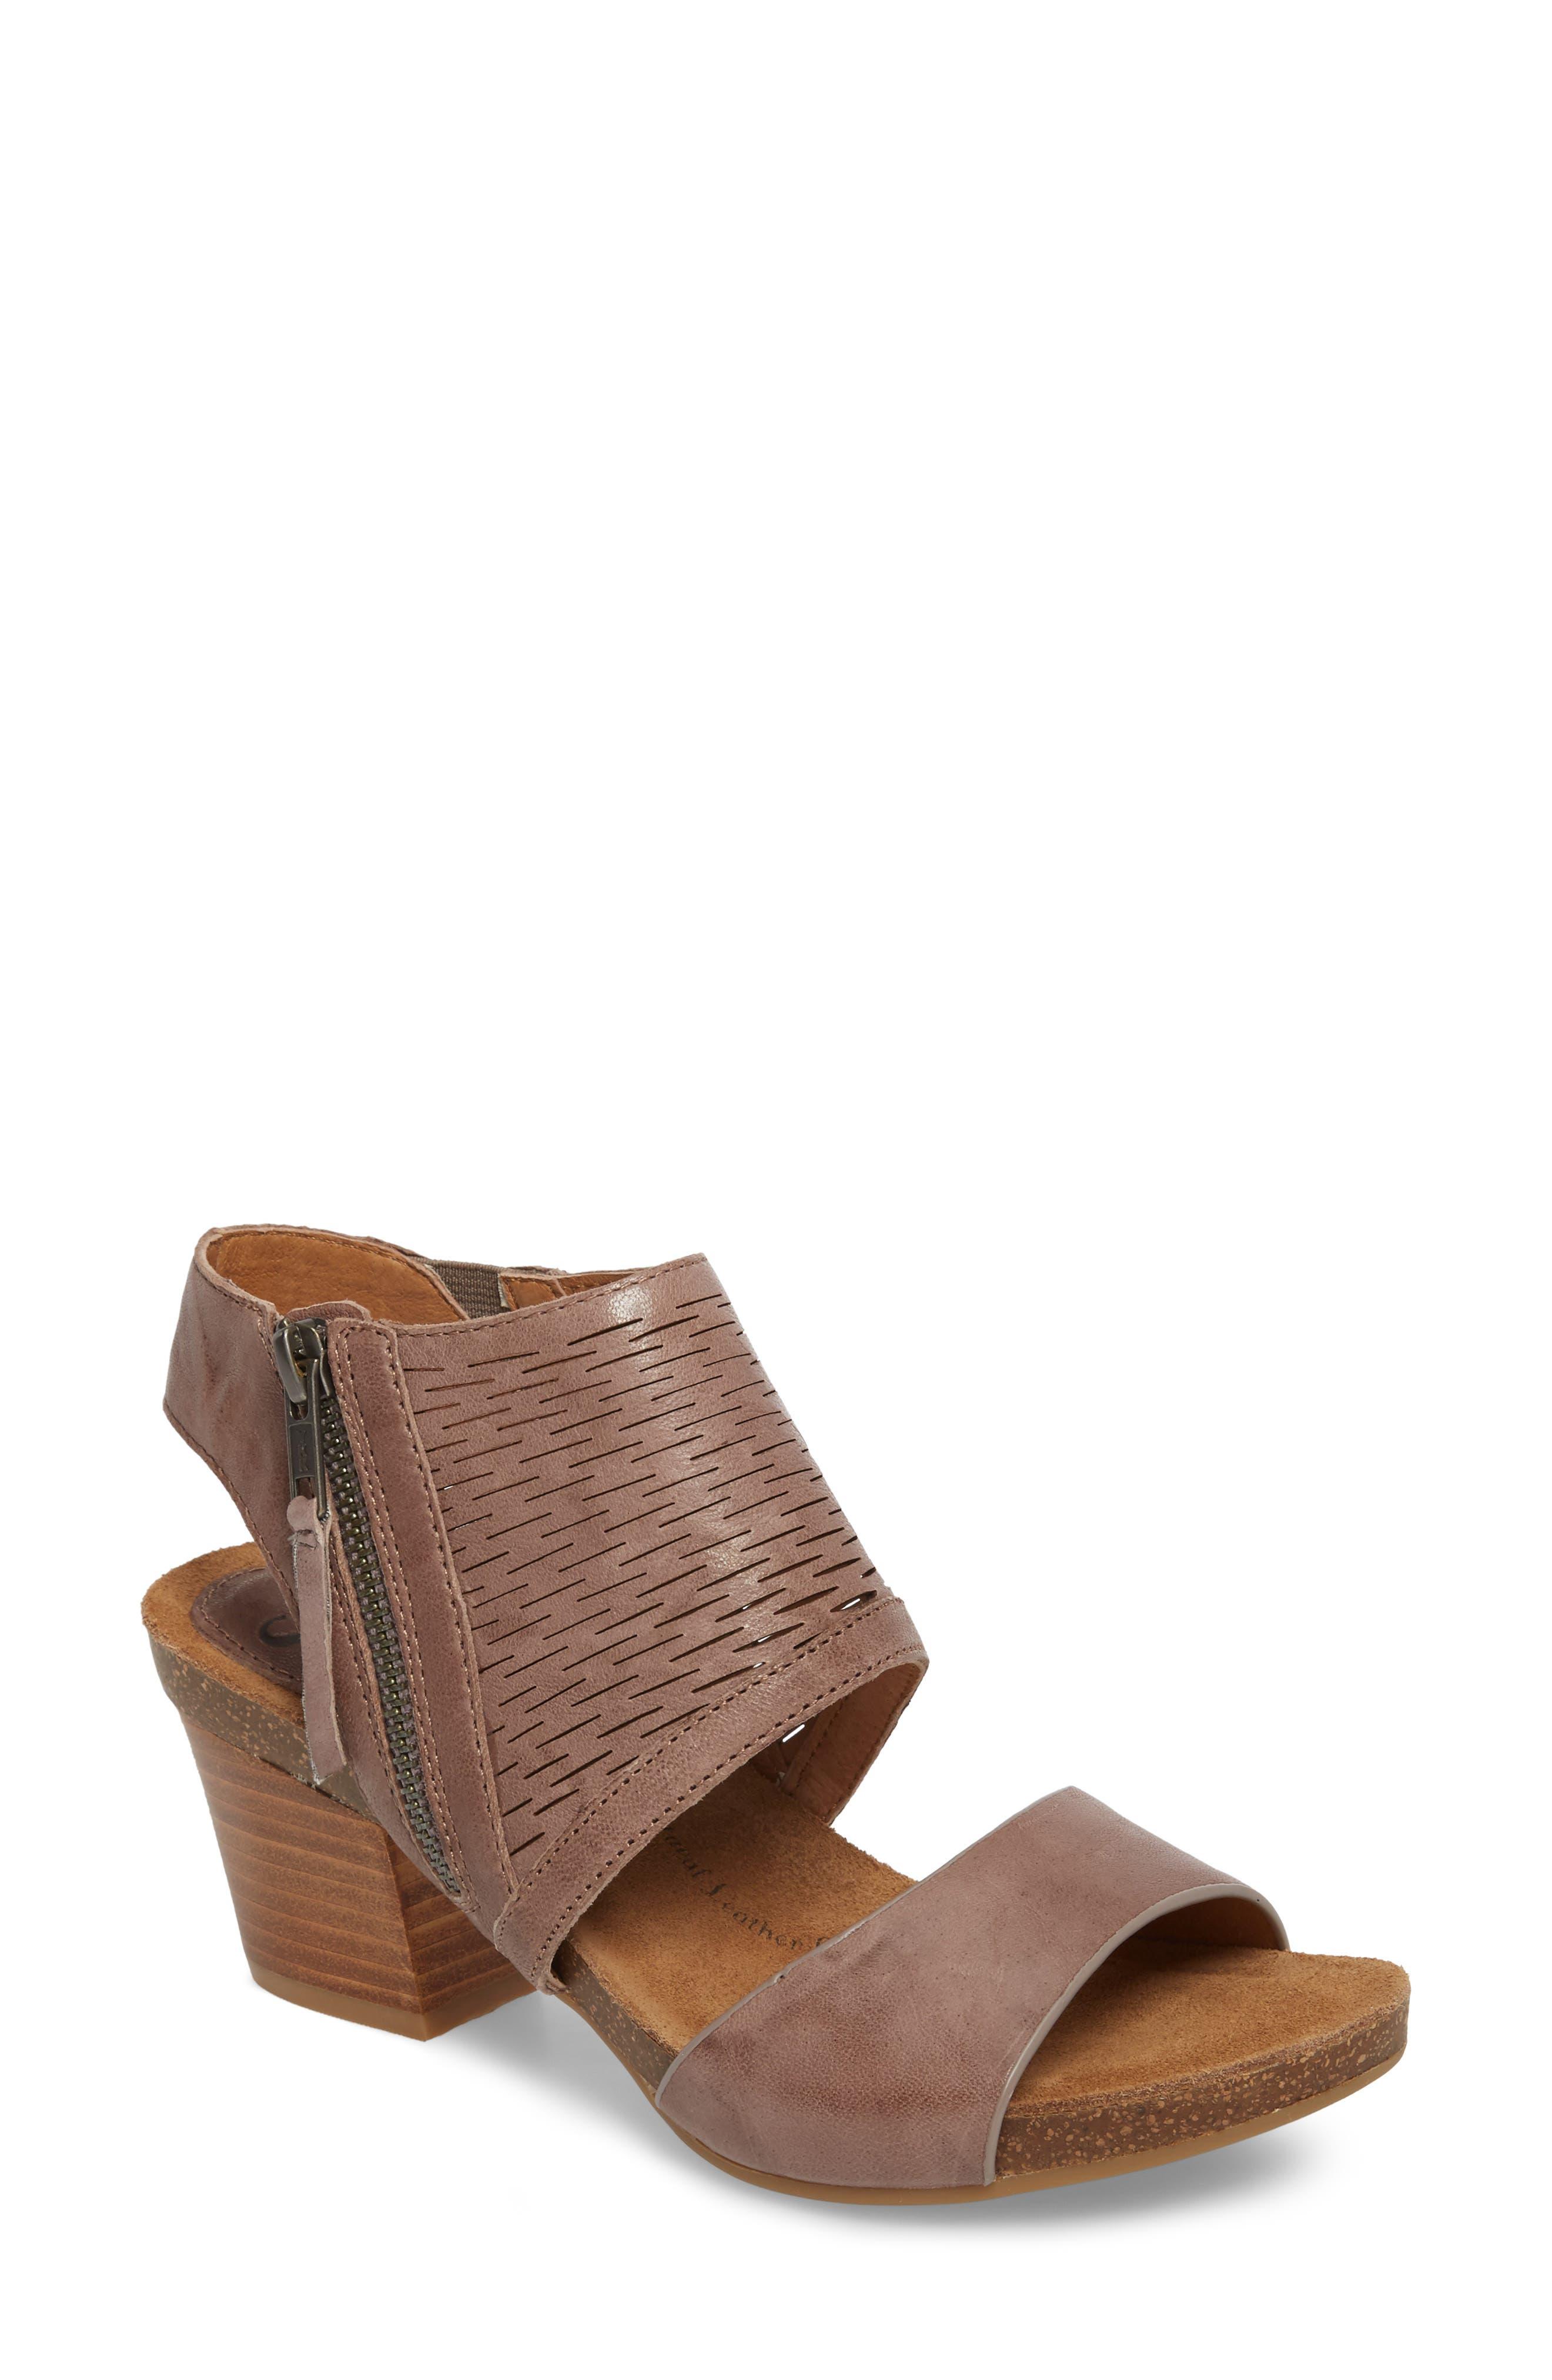 Main Image - Söfft Milan Block Heel Sandal (Women)